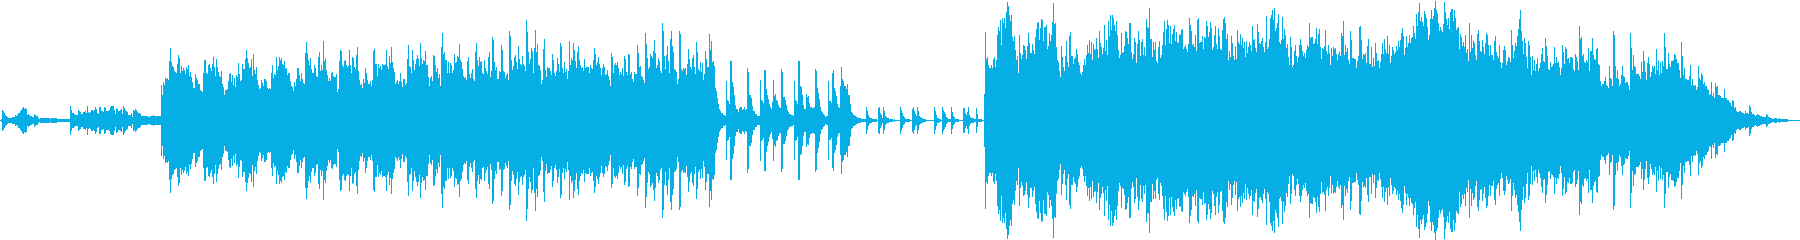 癒し風のピアノ・オーケストラBGMの再生済みの波形